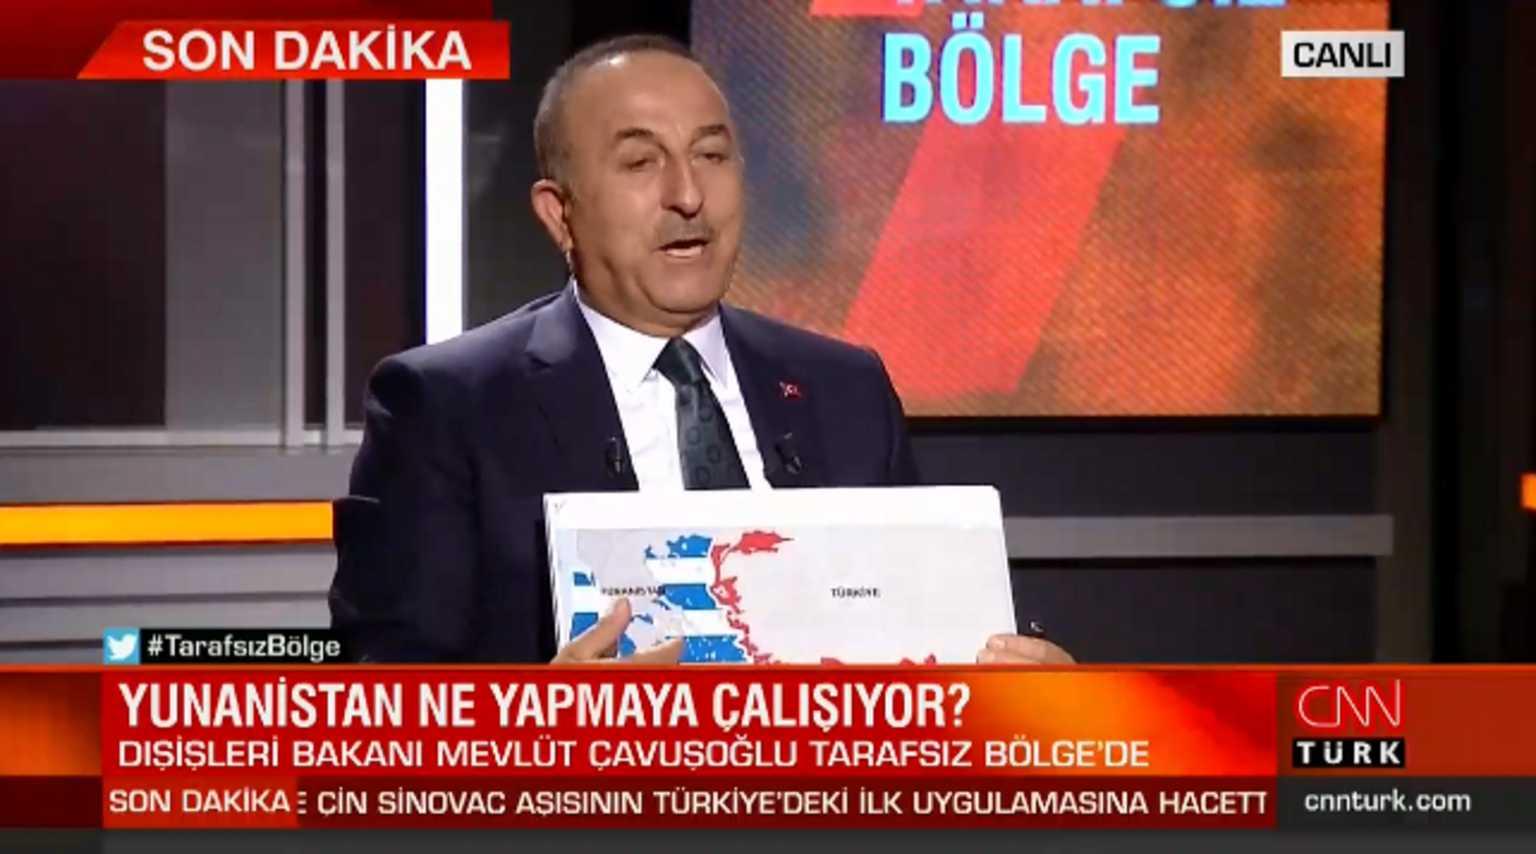 Μητσοτάκης: Είμαι ανοιχτός για διερευνητικές συνομιλίες με την Τουρκία